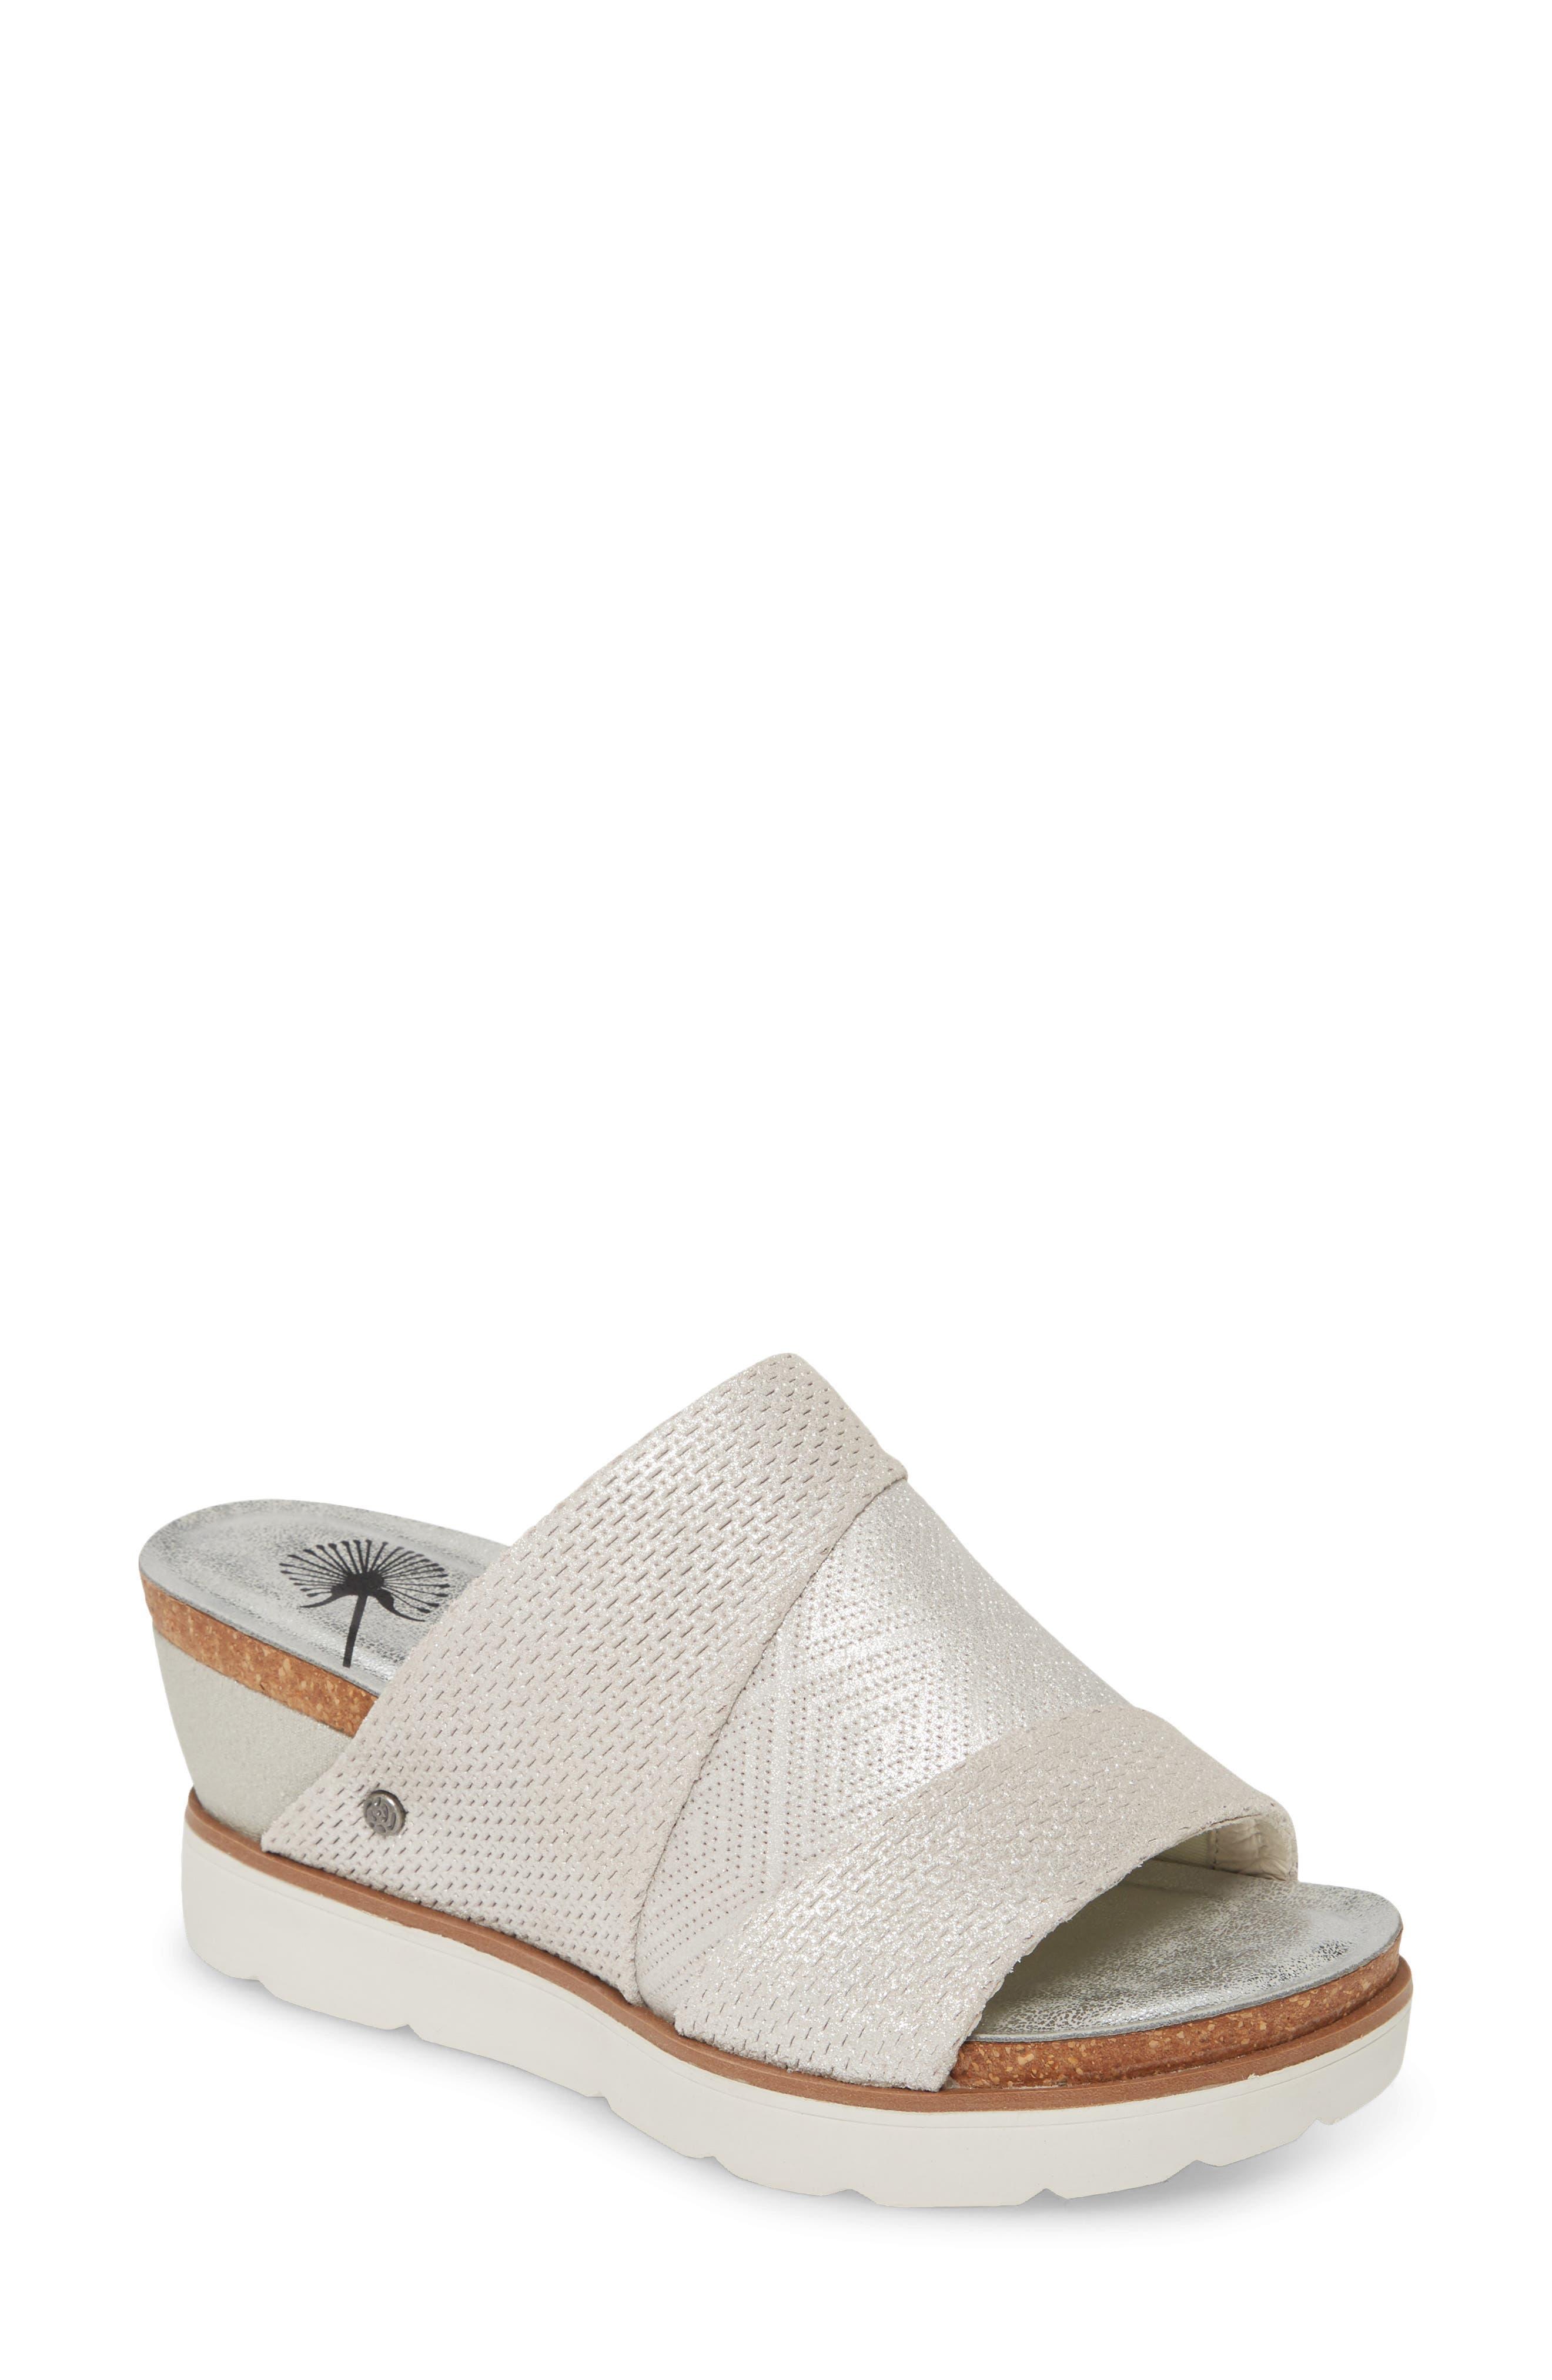 otbt sandals on sale